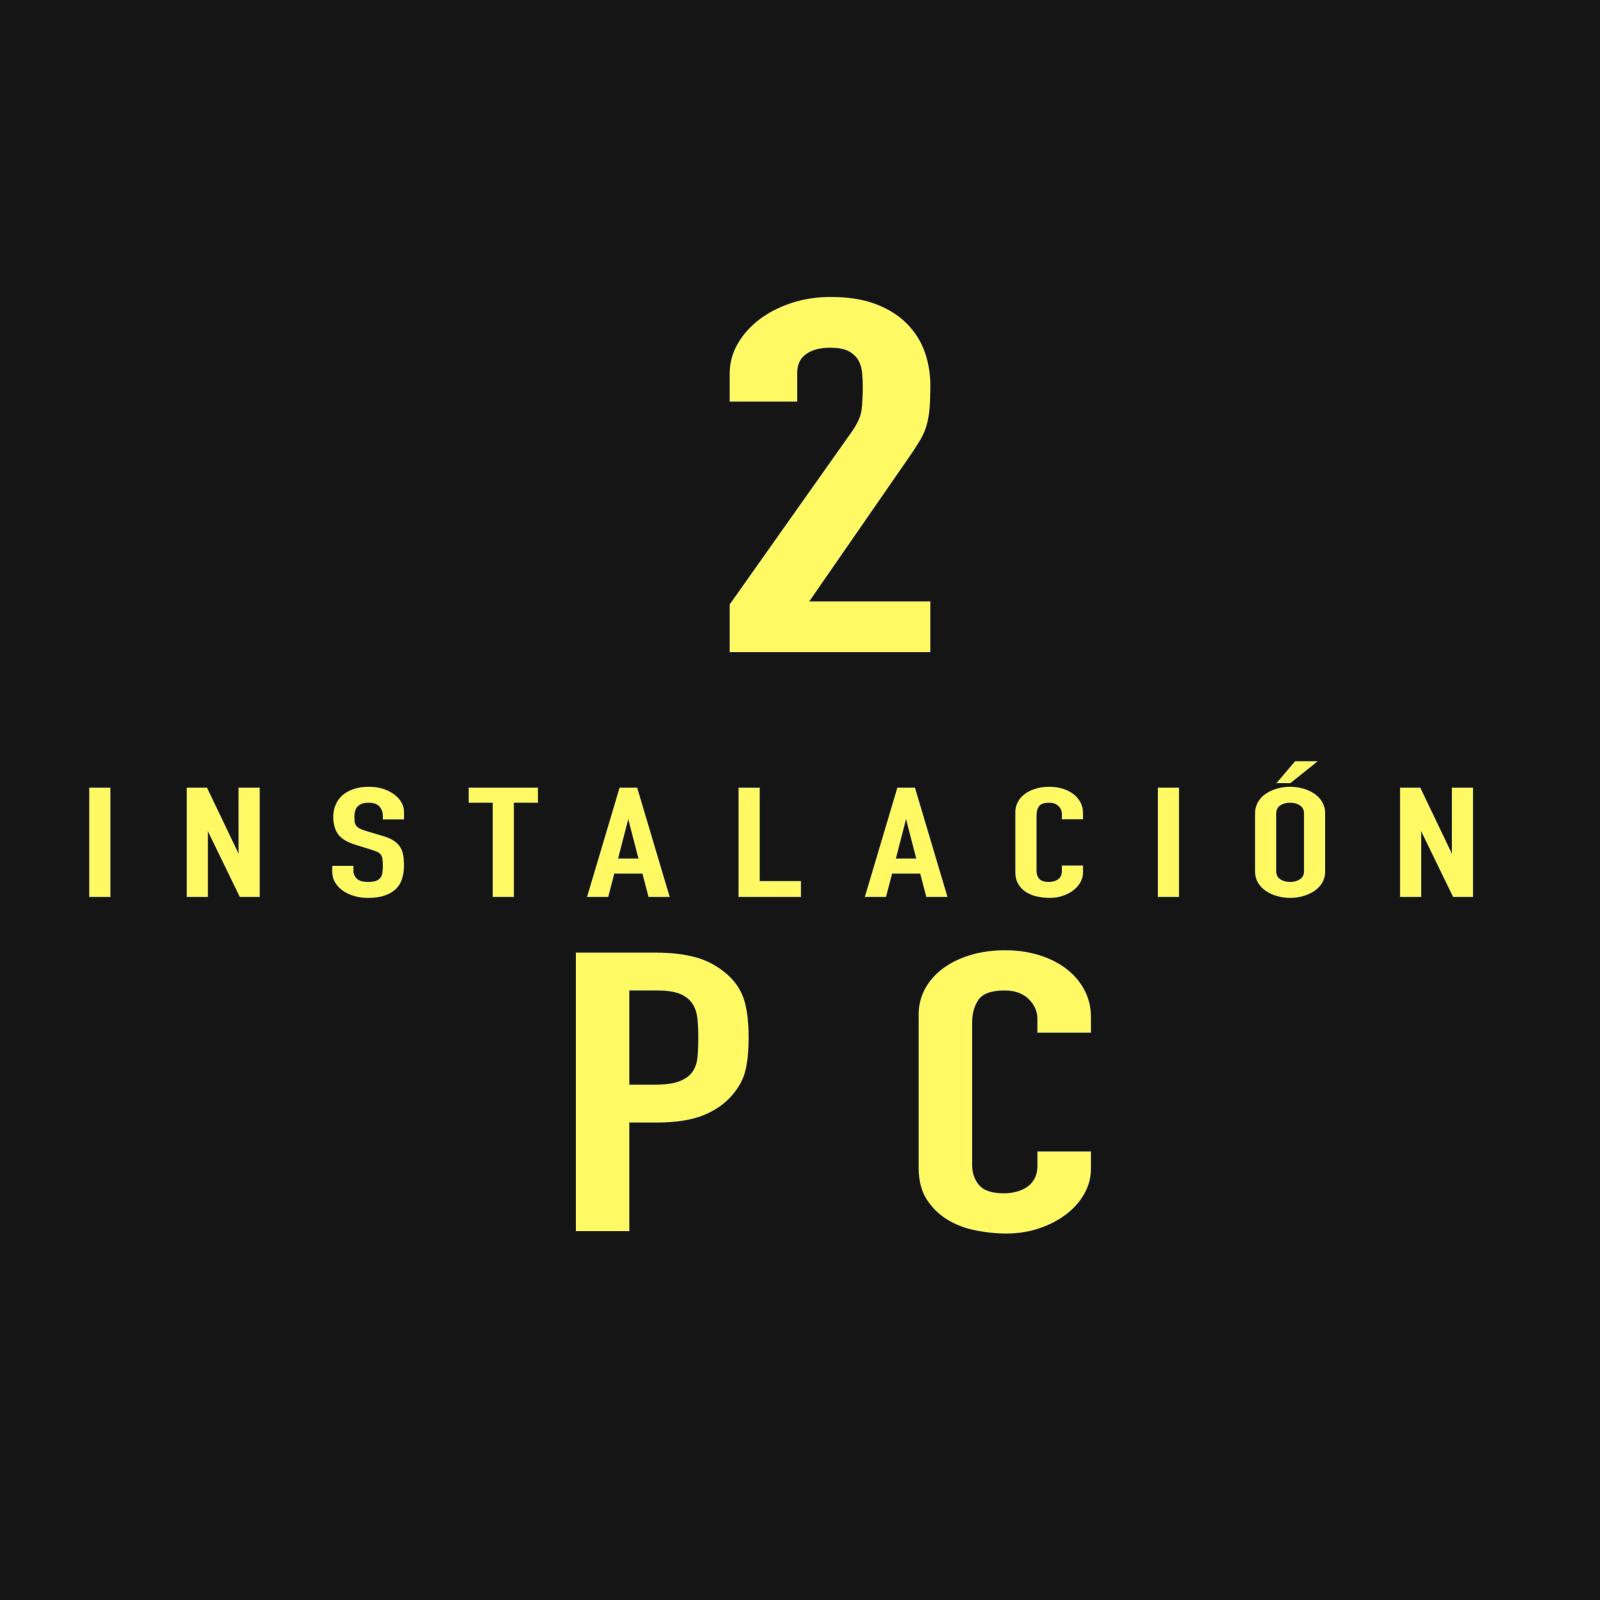 techhouse producers suite instalacion pc.png